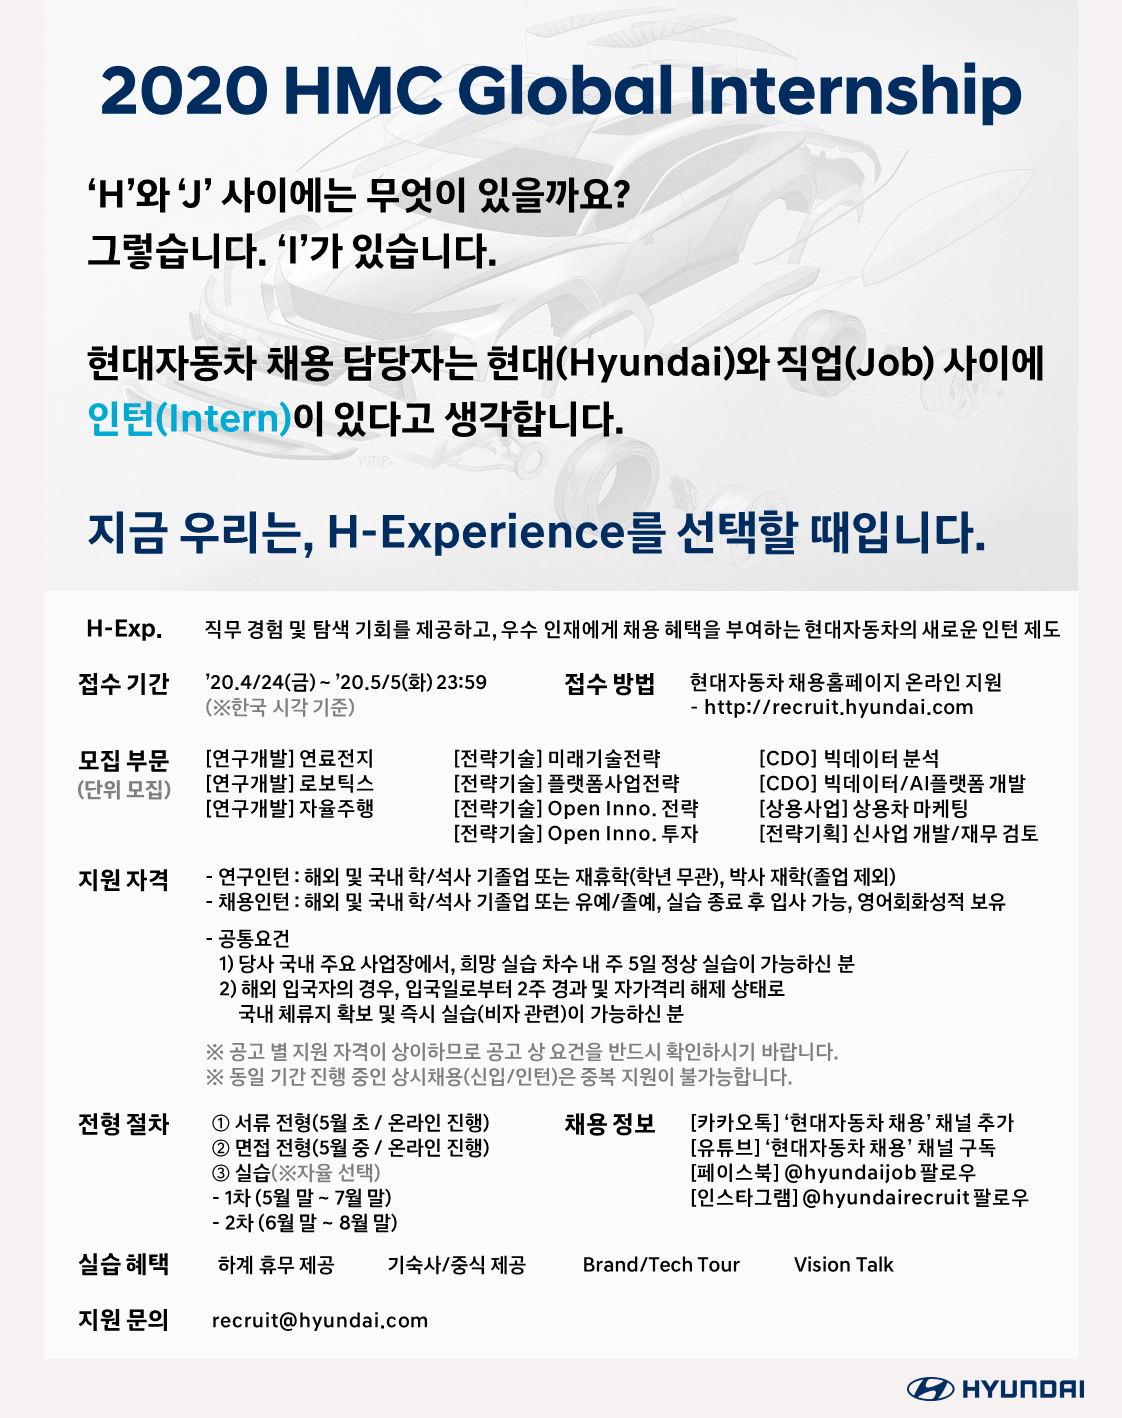 (현대자동차)global internship 모집공고 포스터_2차.png